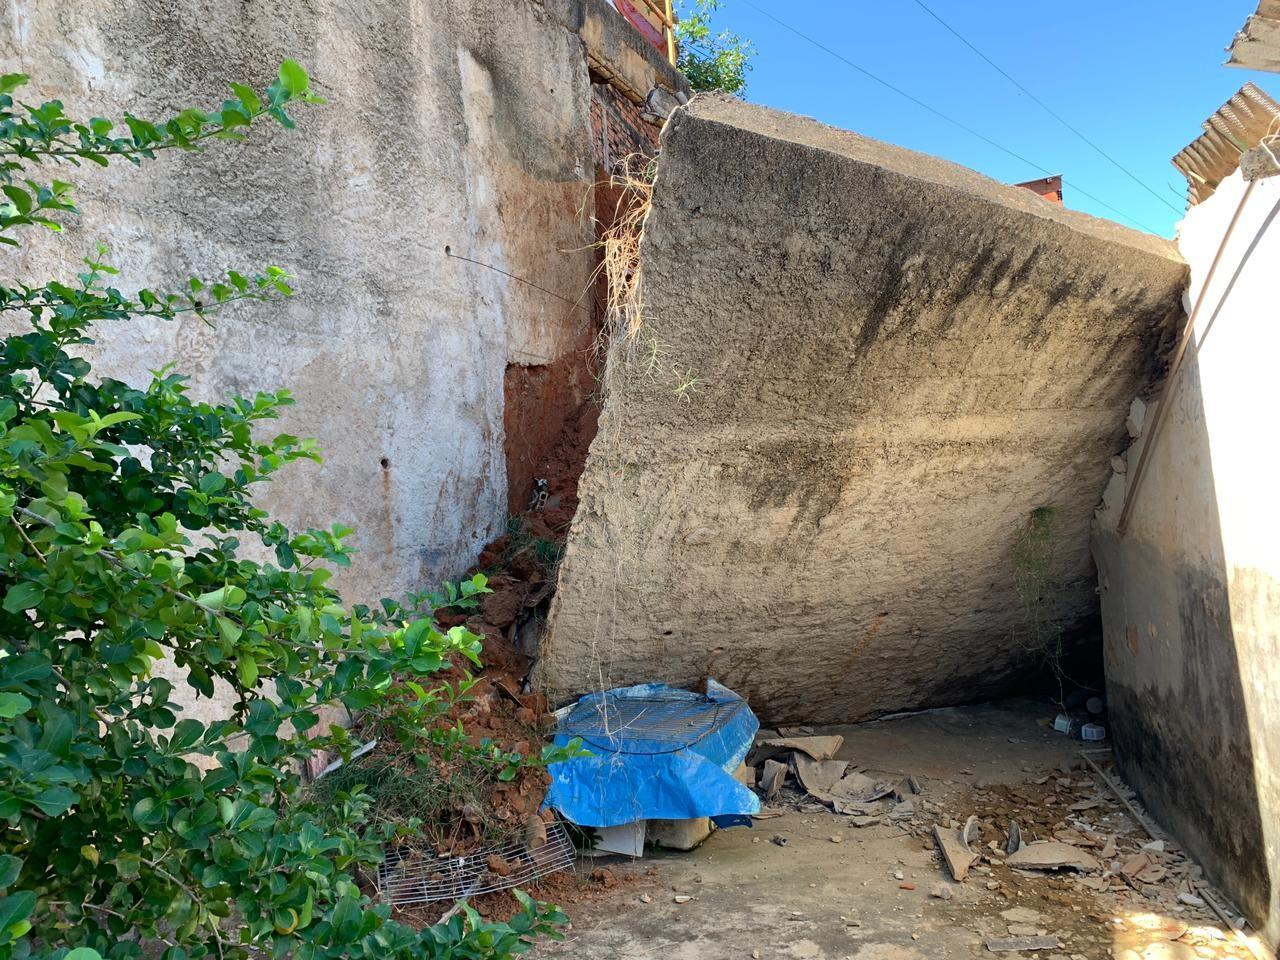 Muro de arrimo desaba e atinge três casas em Governador Valadares